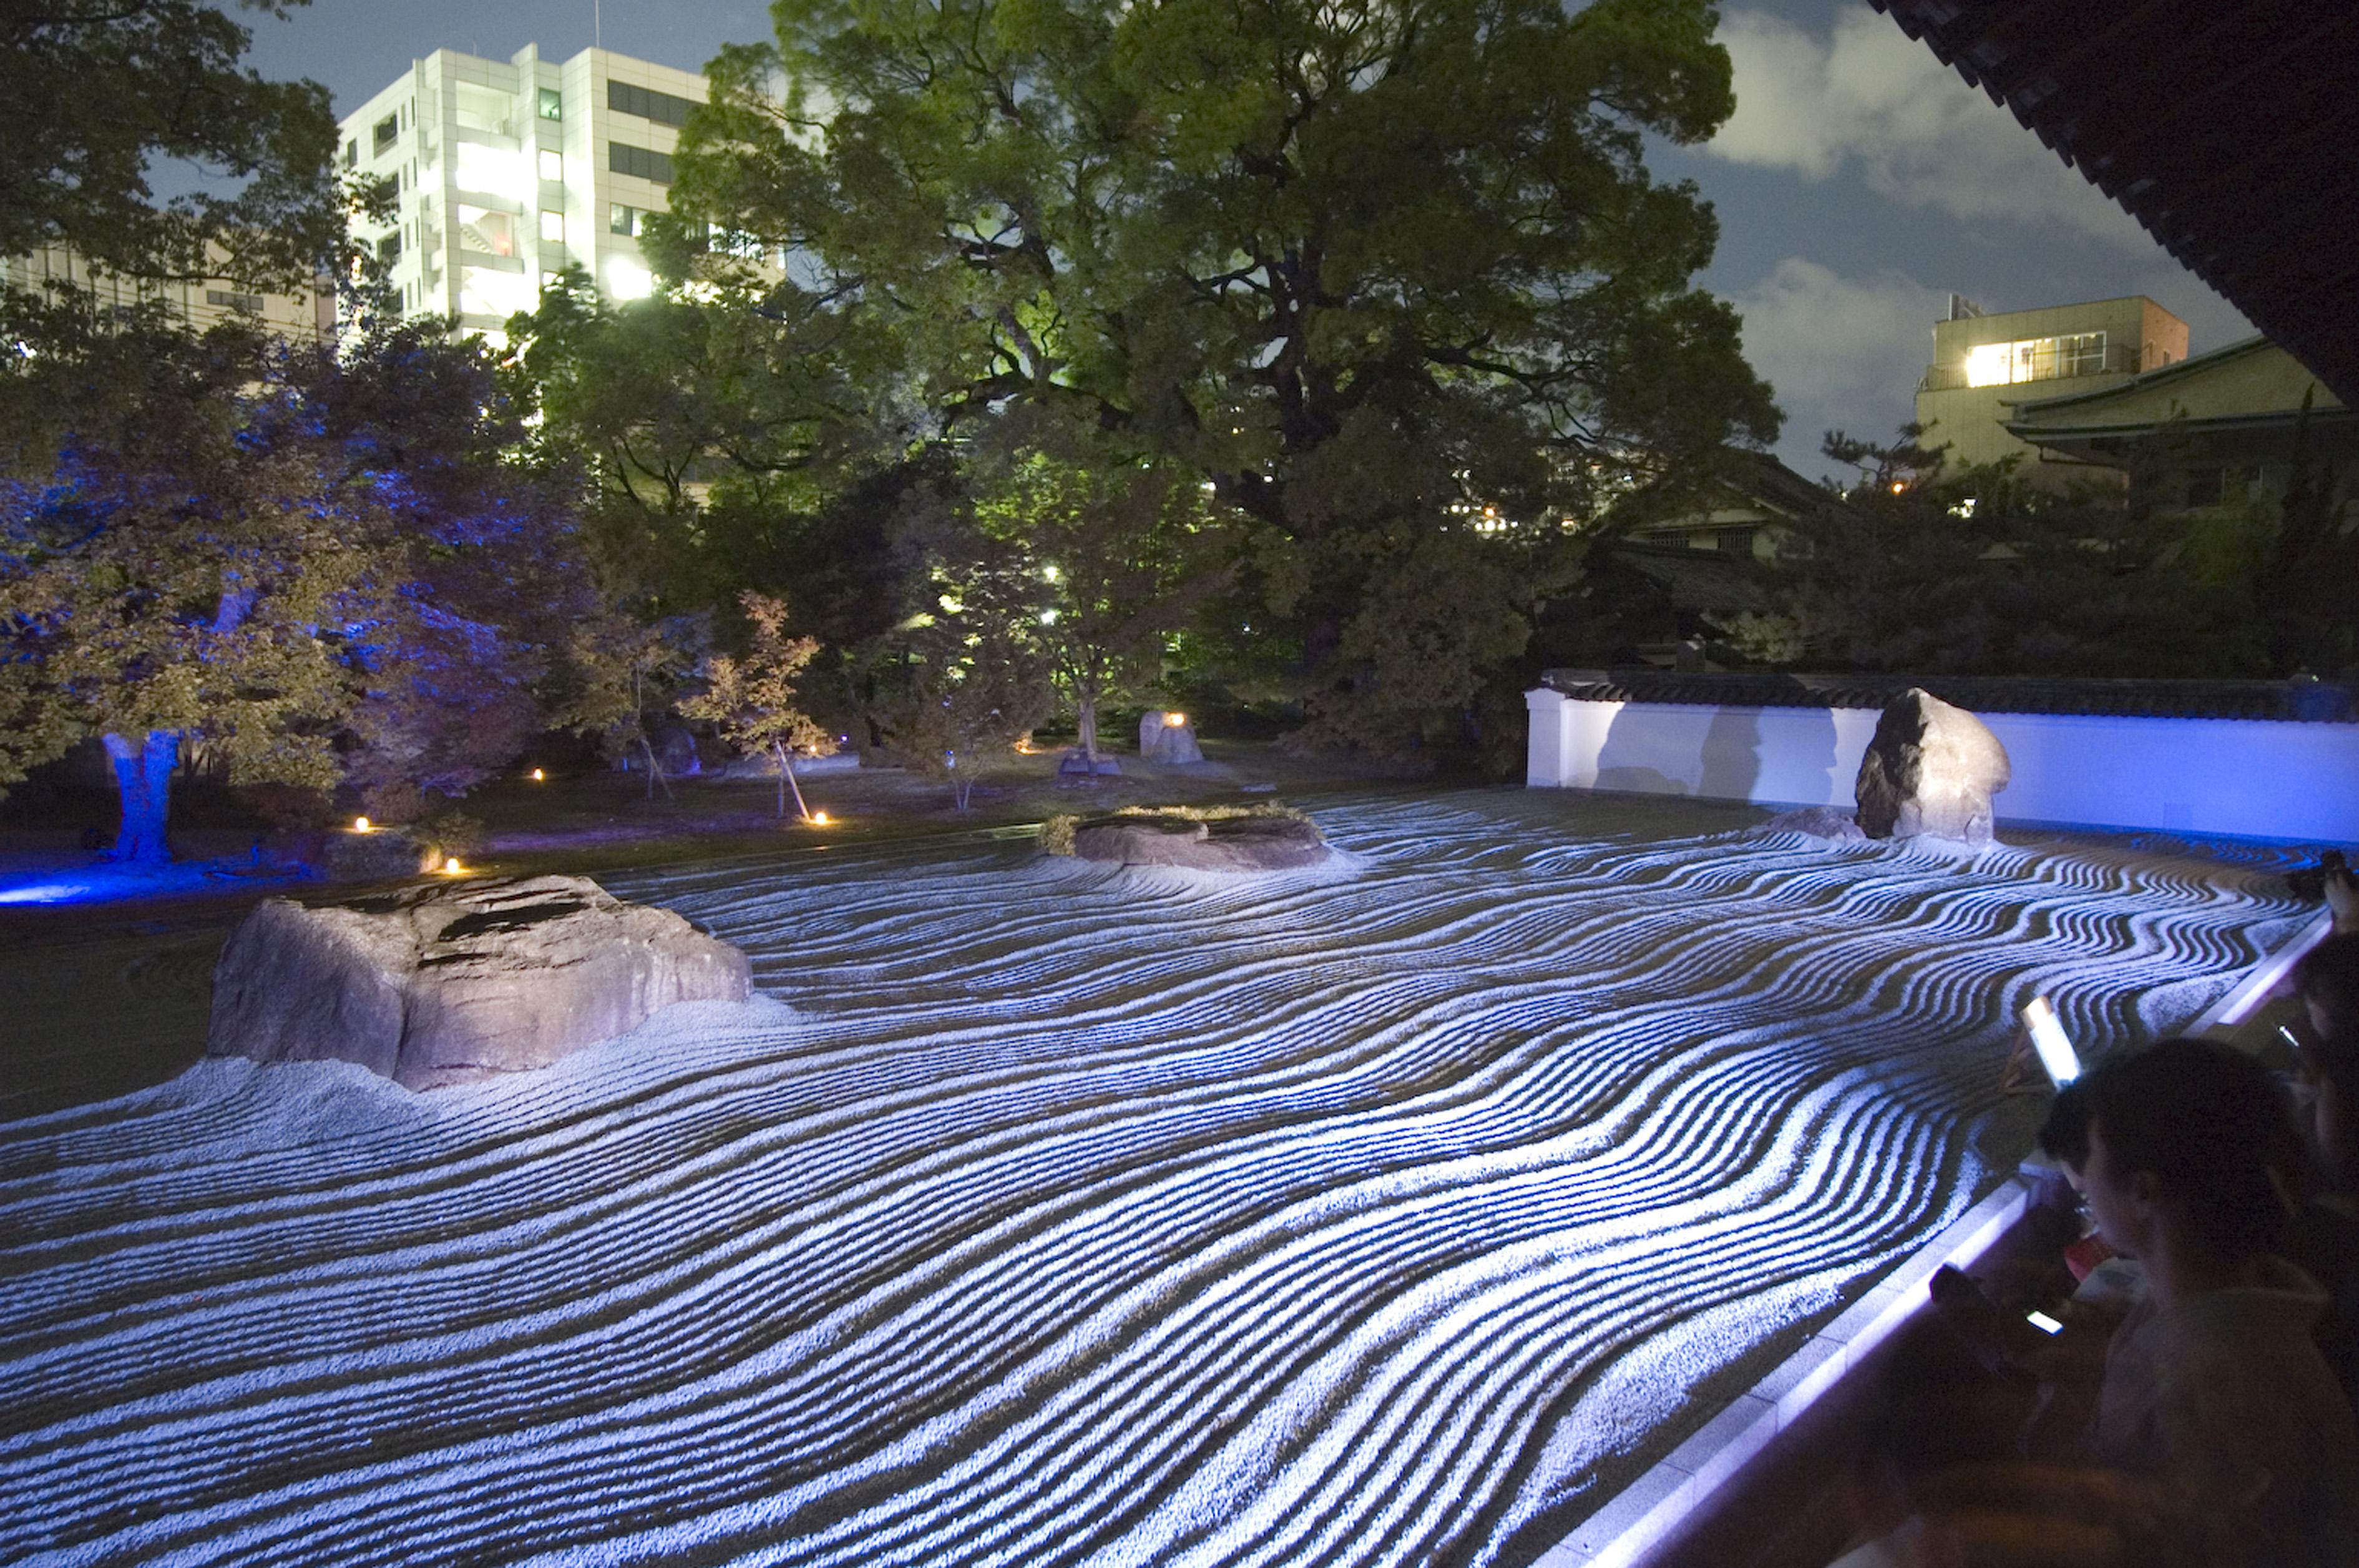 承天寺の石庭をライトアップ(2007)の画像